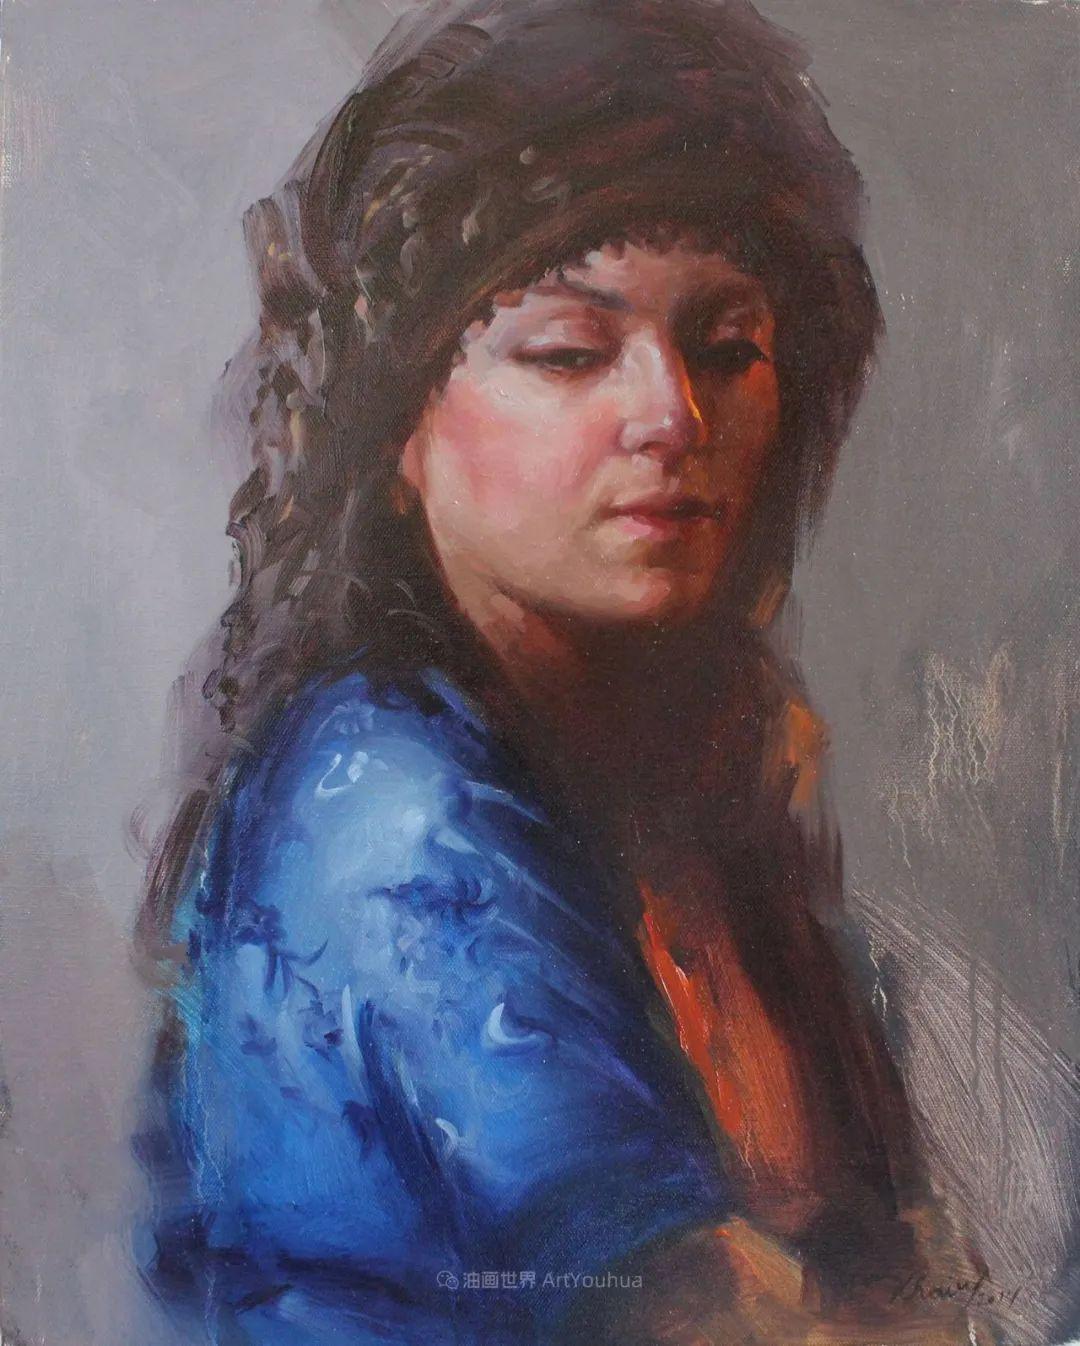 穿着传统服装的库尔德女人,美得别有一番风味!插图109